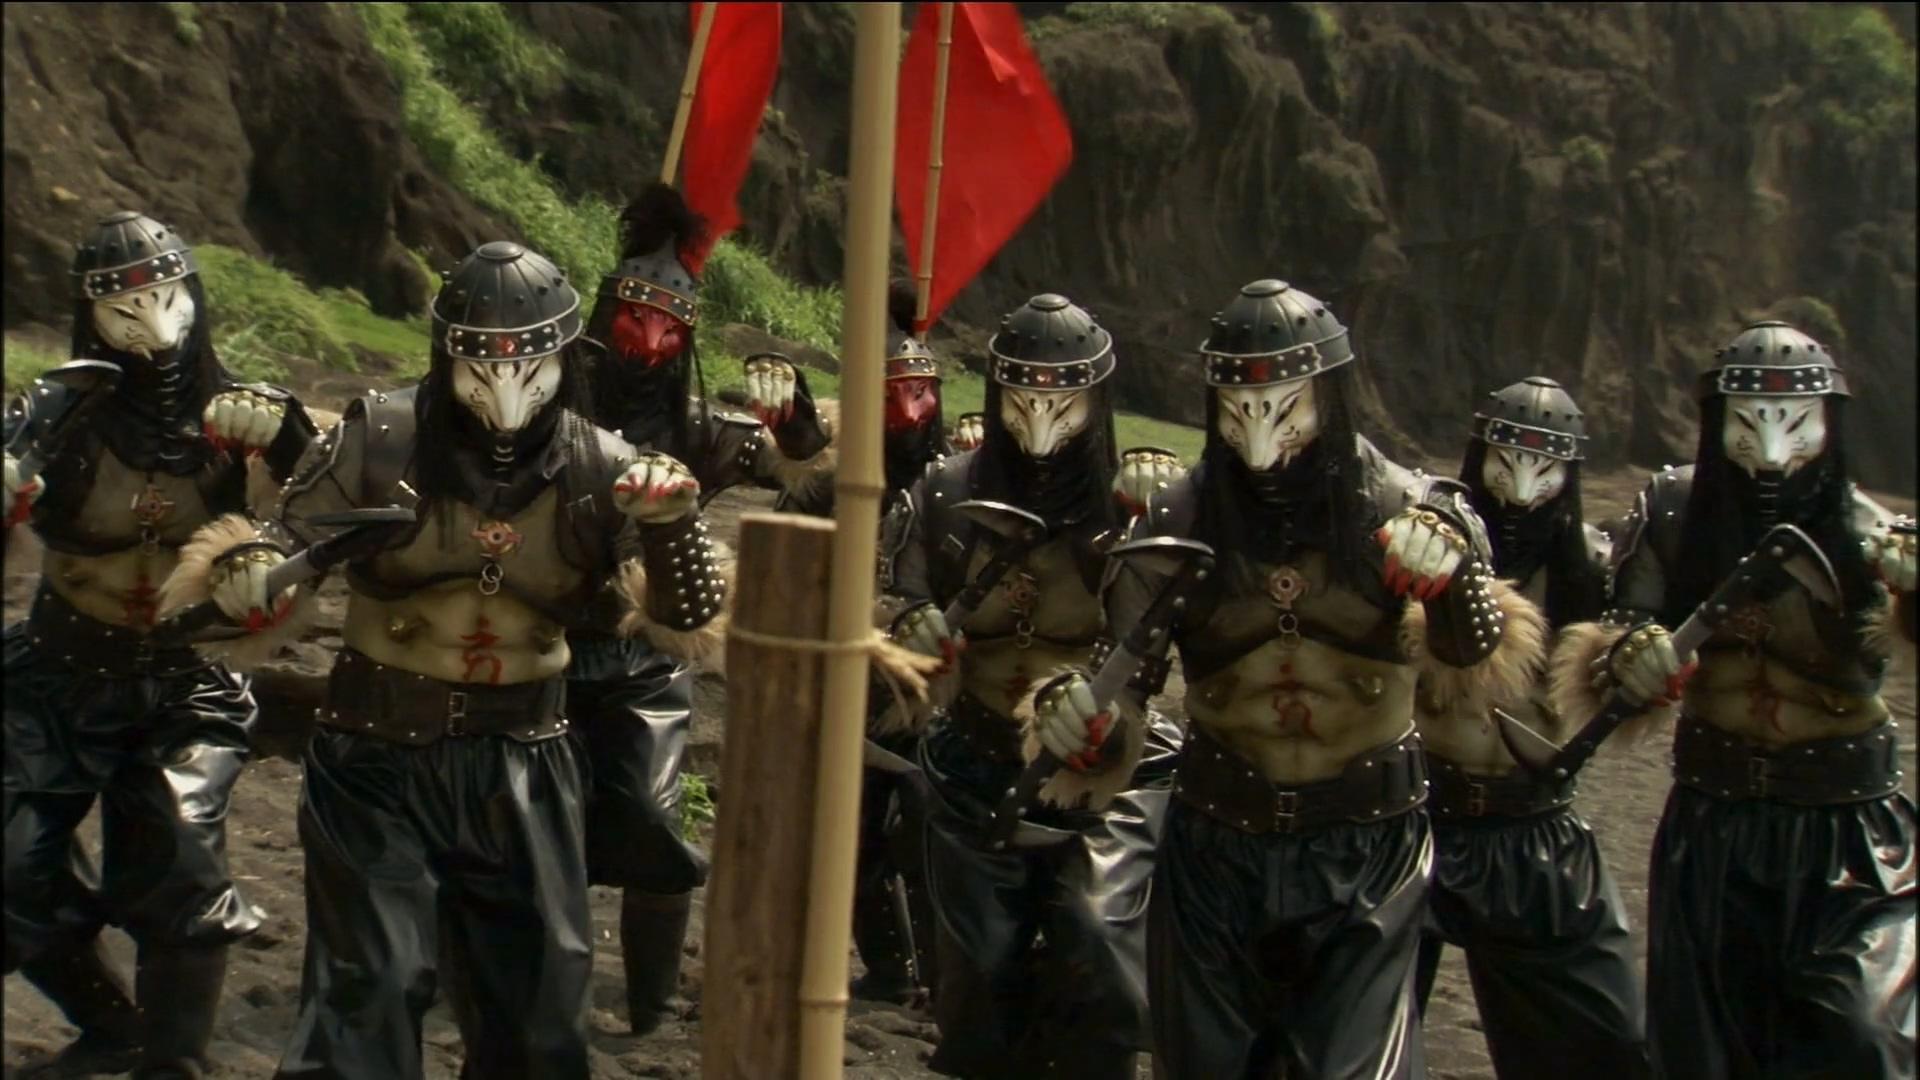 Makamou Ninja Group